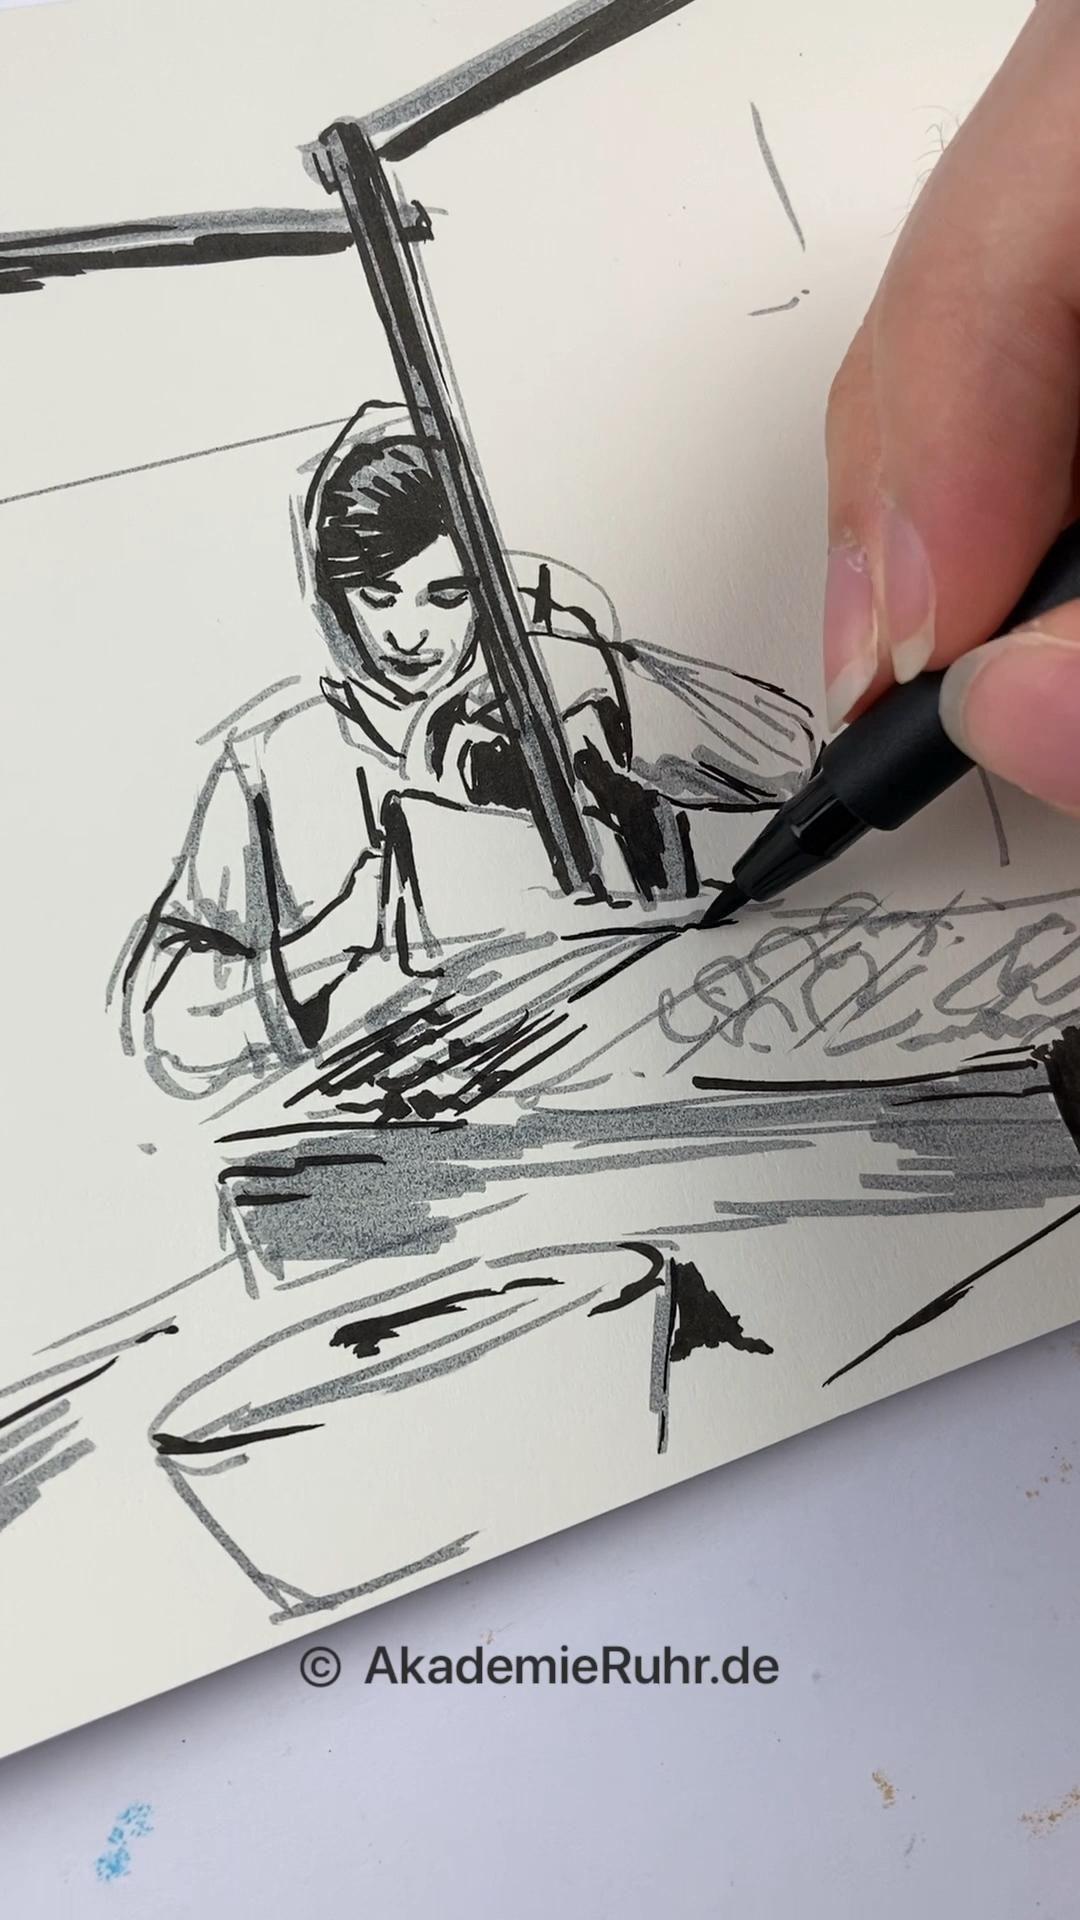 Urban Sketching Kurse. Zeichnen lernen mit Akademie Ruhr [Video]   Fashion  design sketchbook, Urban sketching, Architectural sketch